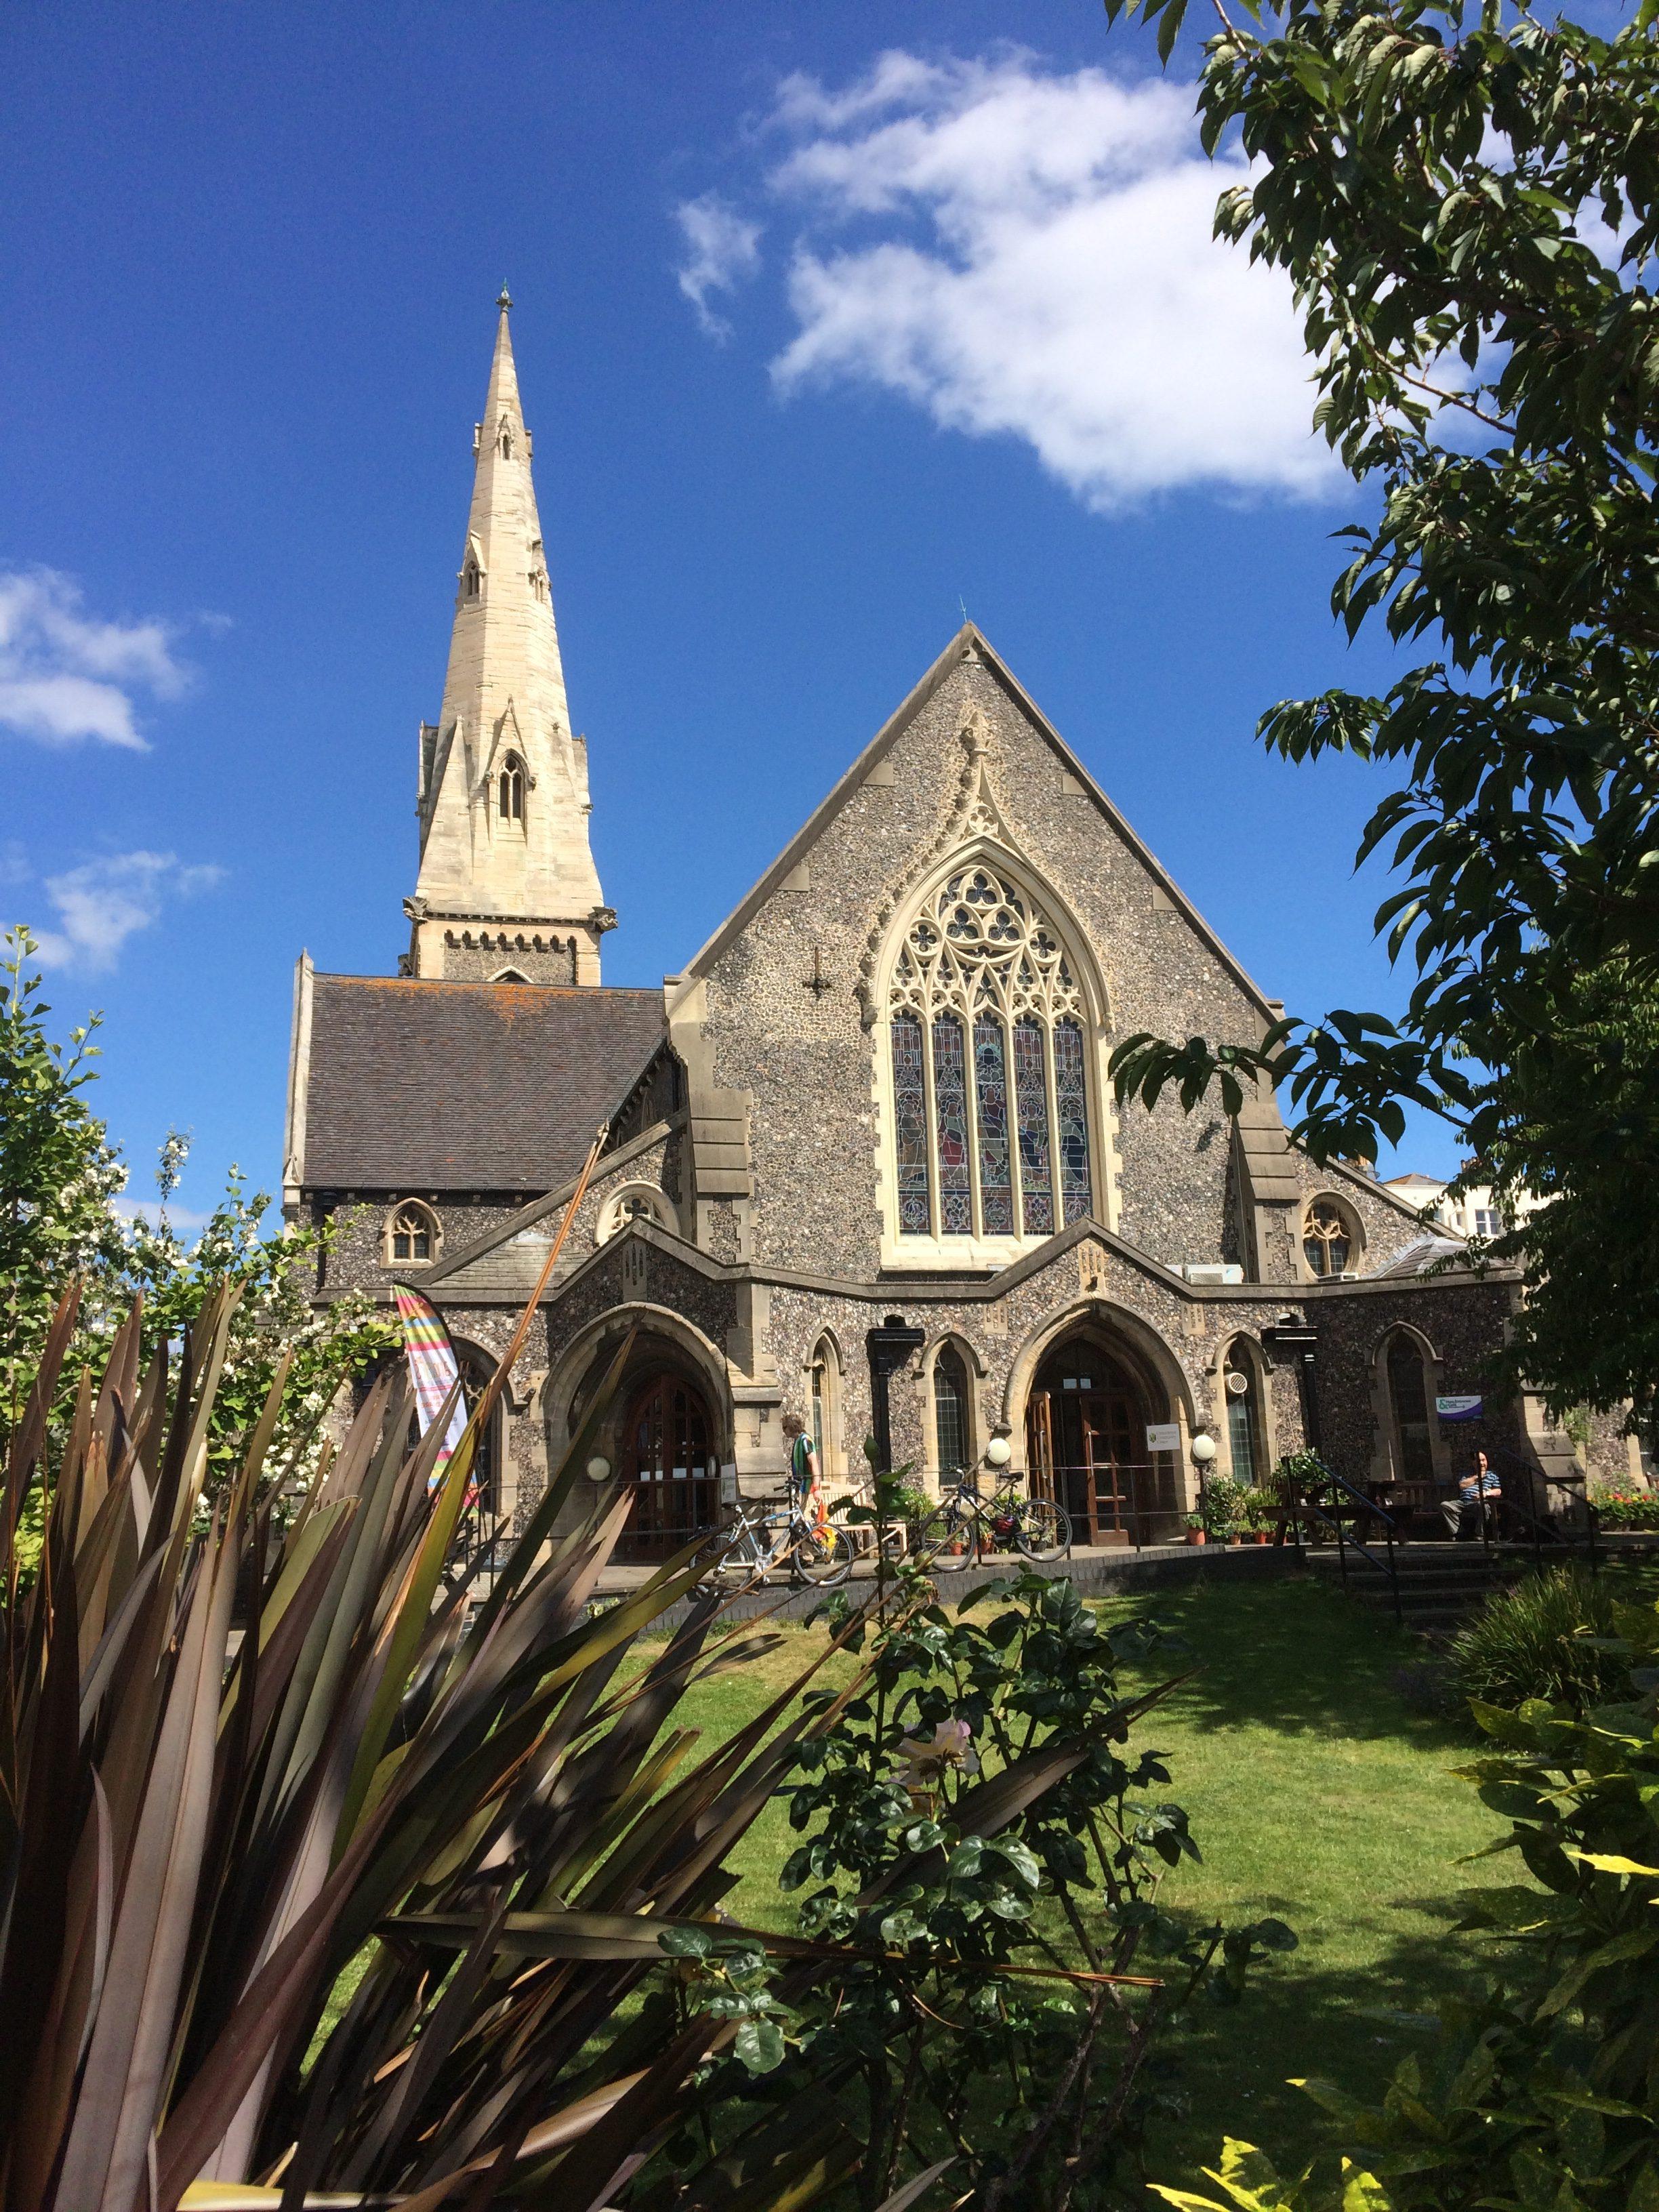 widok z okna szkoły - kościół anglikański